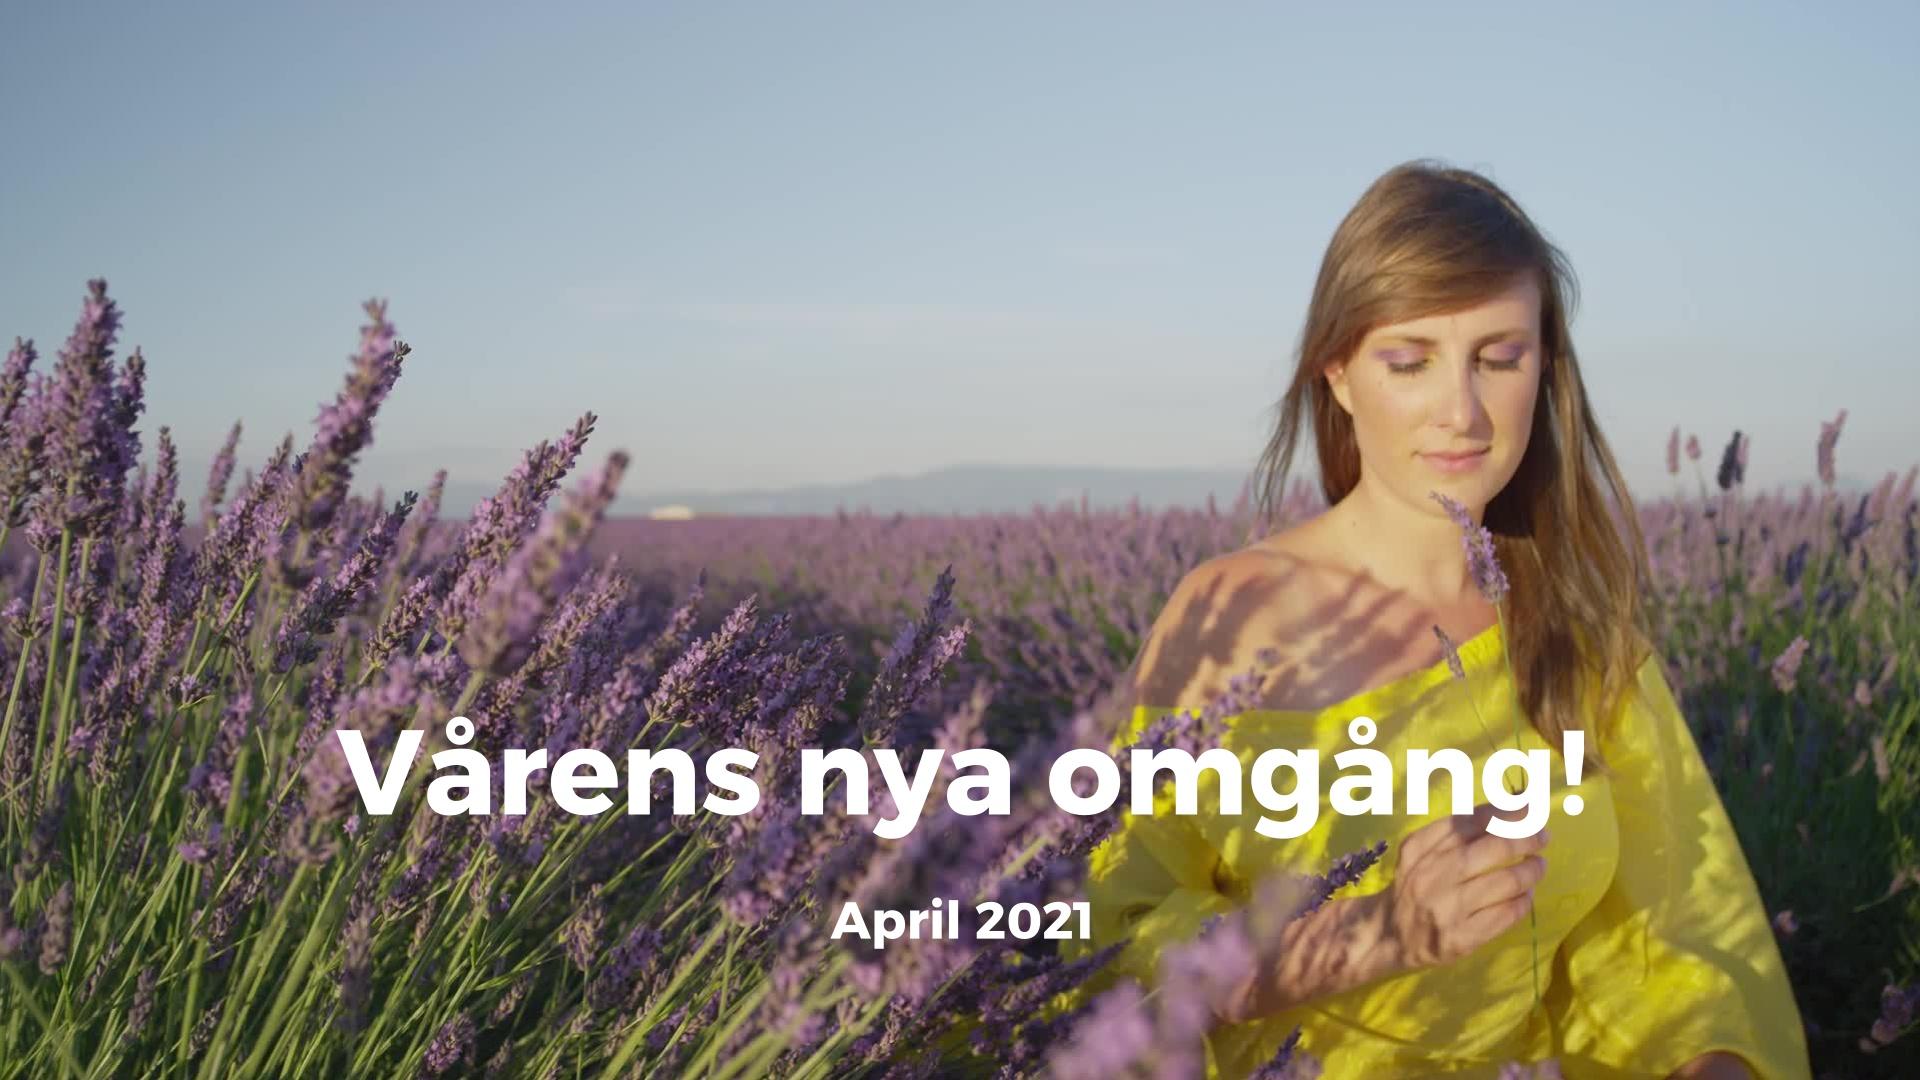 21-dagars april 2021 - reklamvideo - YT